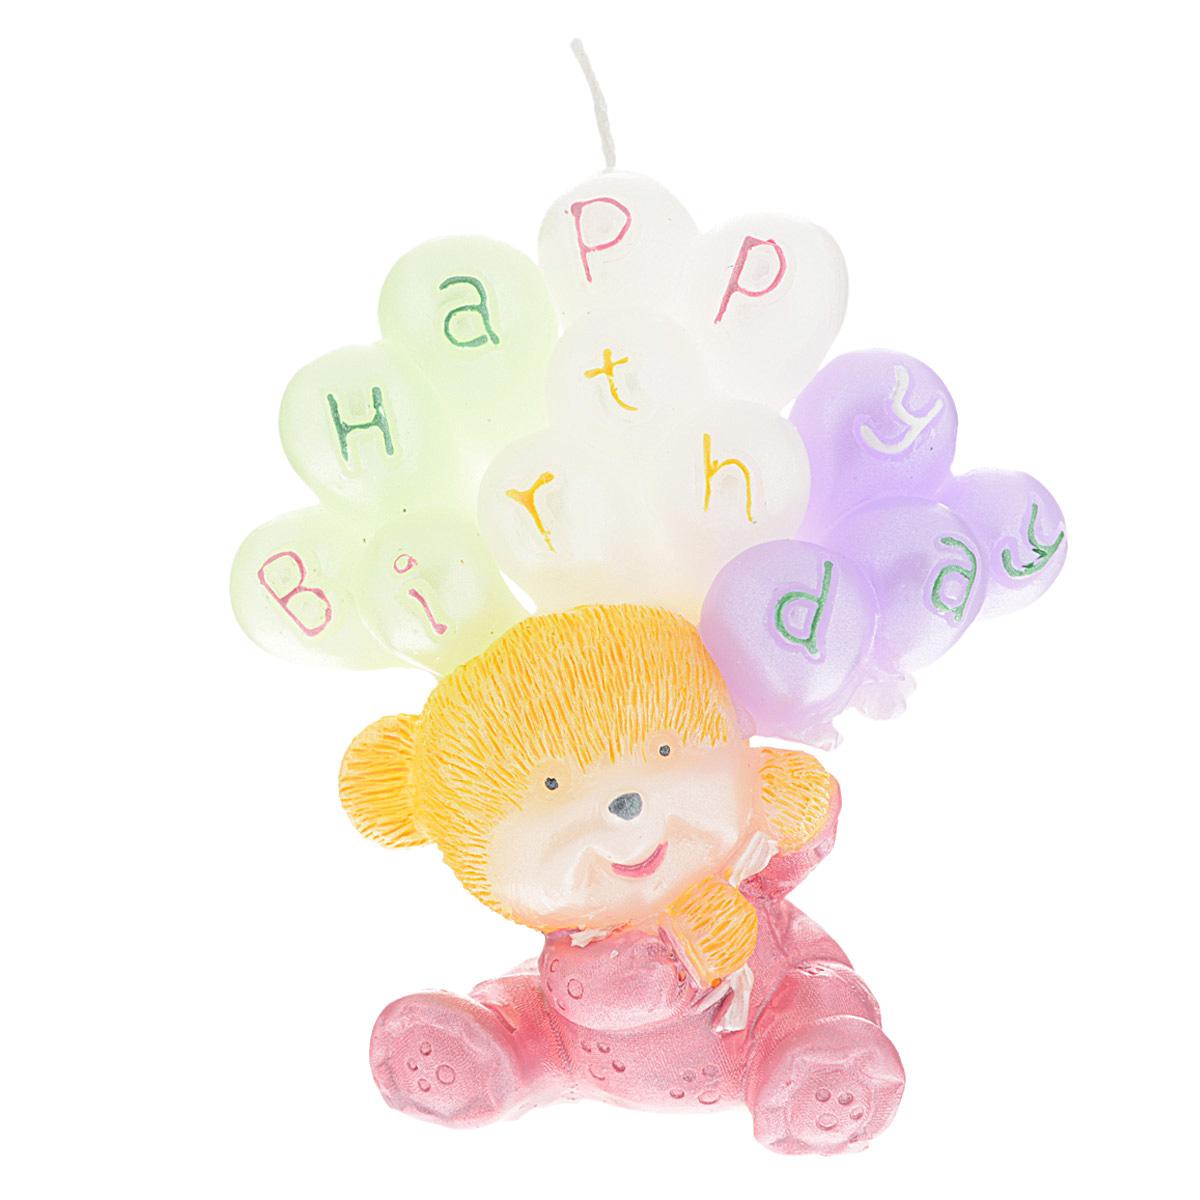 Свеча декоративная Win Max С днем рождения, цвет: розовый, 6 х 6 х 8 смRG-D31SДекоративная свеча Win Max С днем рождения изготовлена из парафина в форме мишки с шариками. Свеча упакована в прозрачную пластиковую коробку и украшена бантиком. Декоративная свеча Win Max С днем рождения может стать отличным подарком на день рождение. Размер свечи: 6 см х 6 см х 8 см.